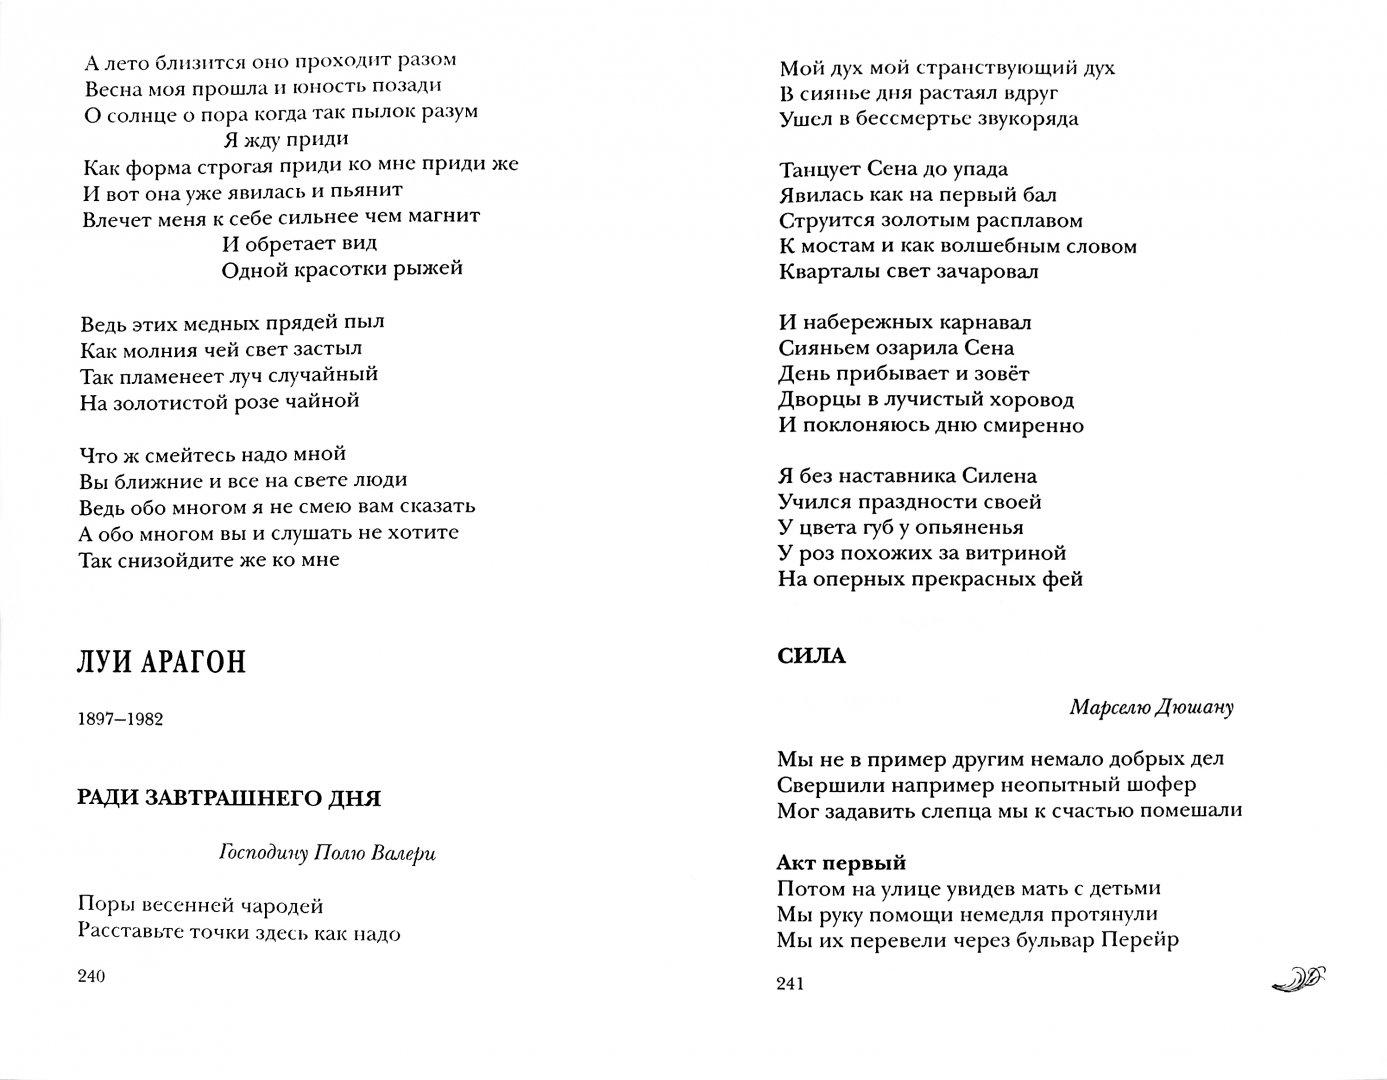 Иллюстрация 1 из 11 для Паломник: Страницы европейской поэзии ХIV-XX вв   Лабиринт - книги. Источник: Лабиринт